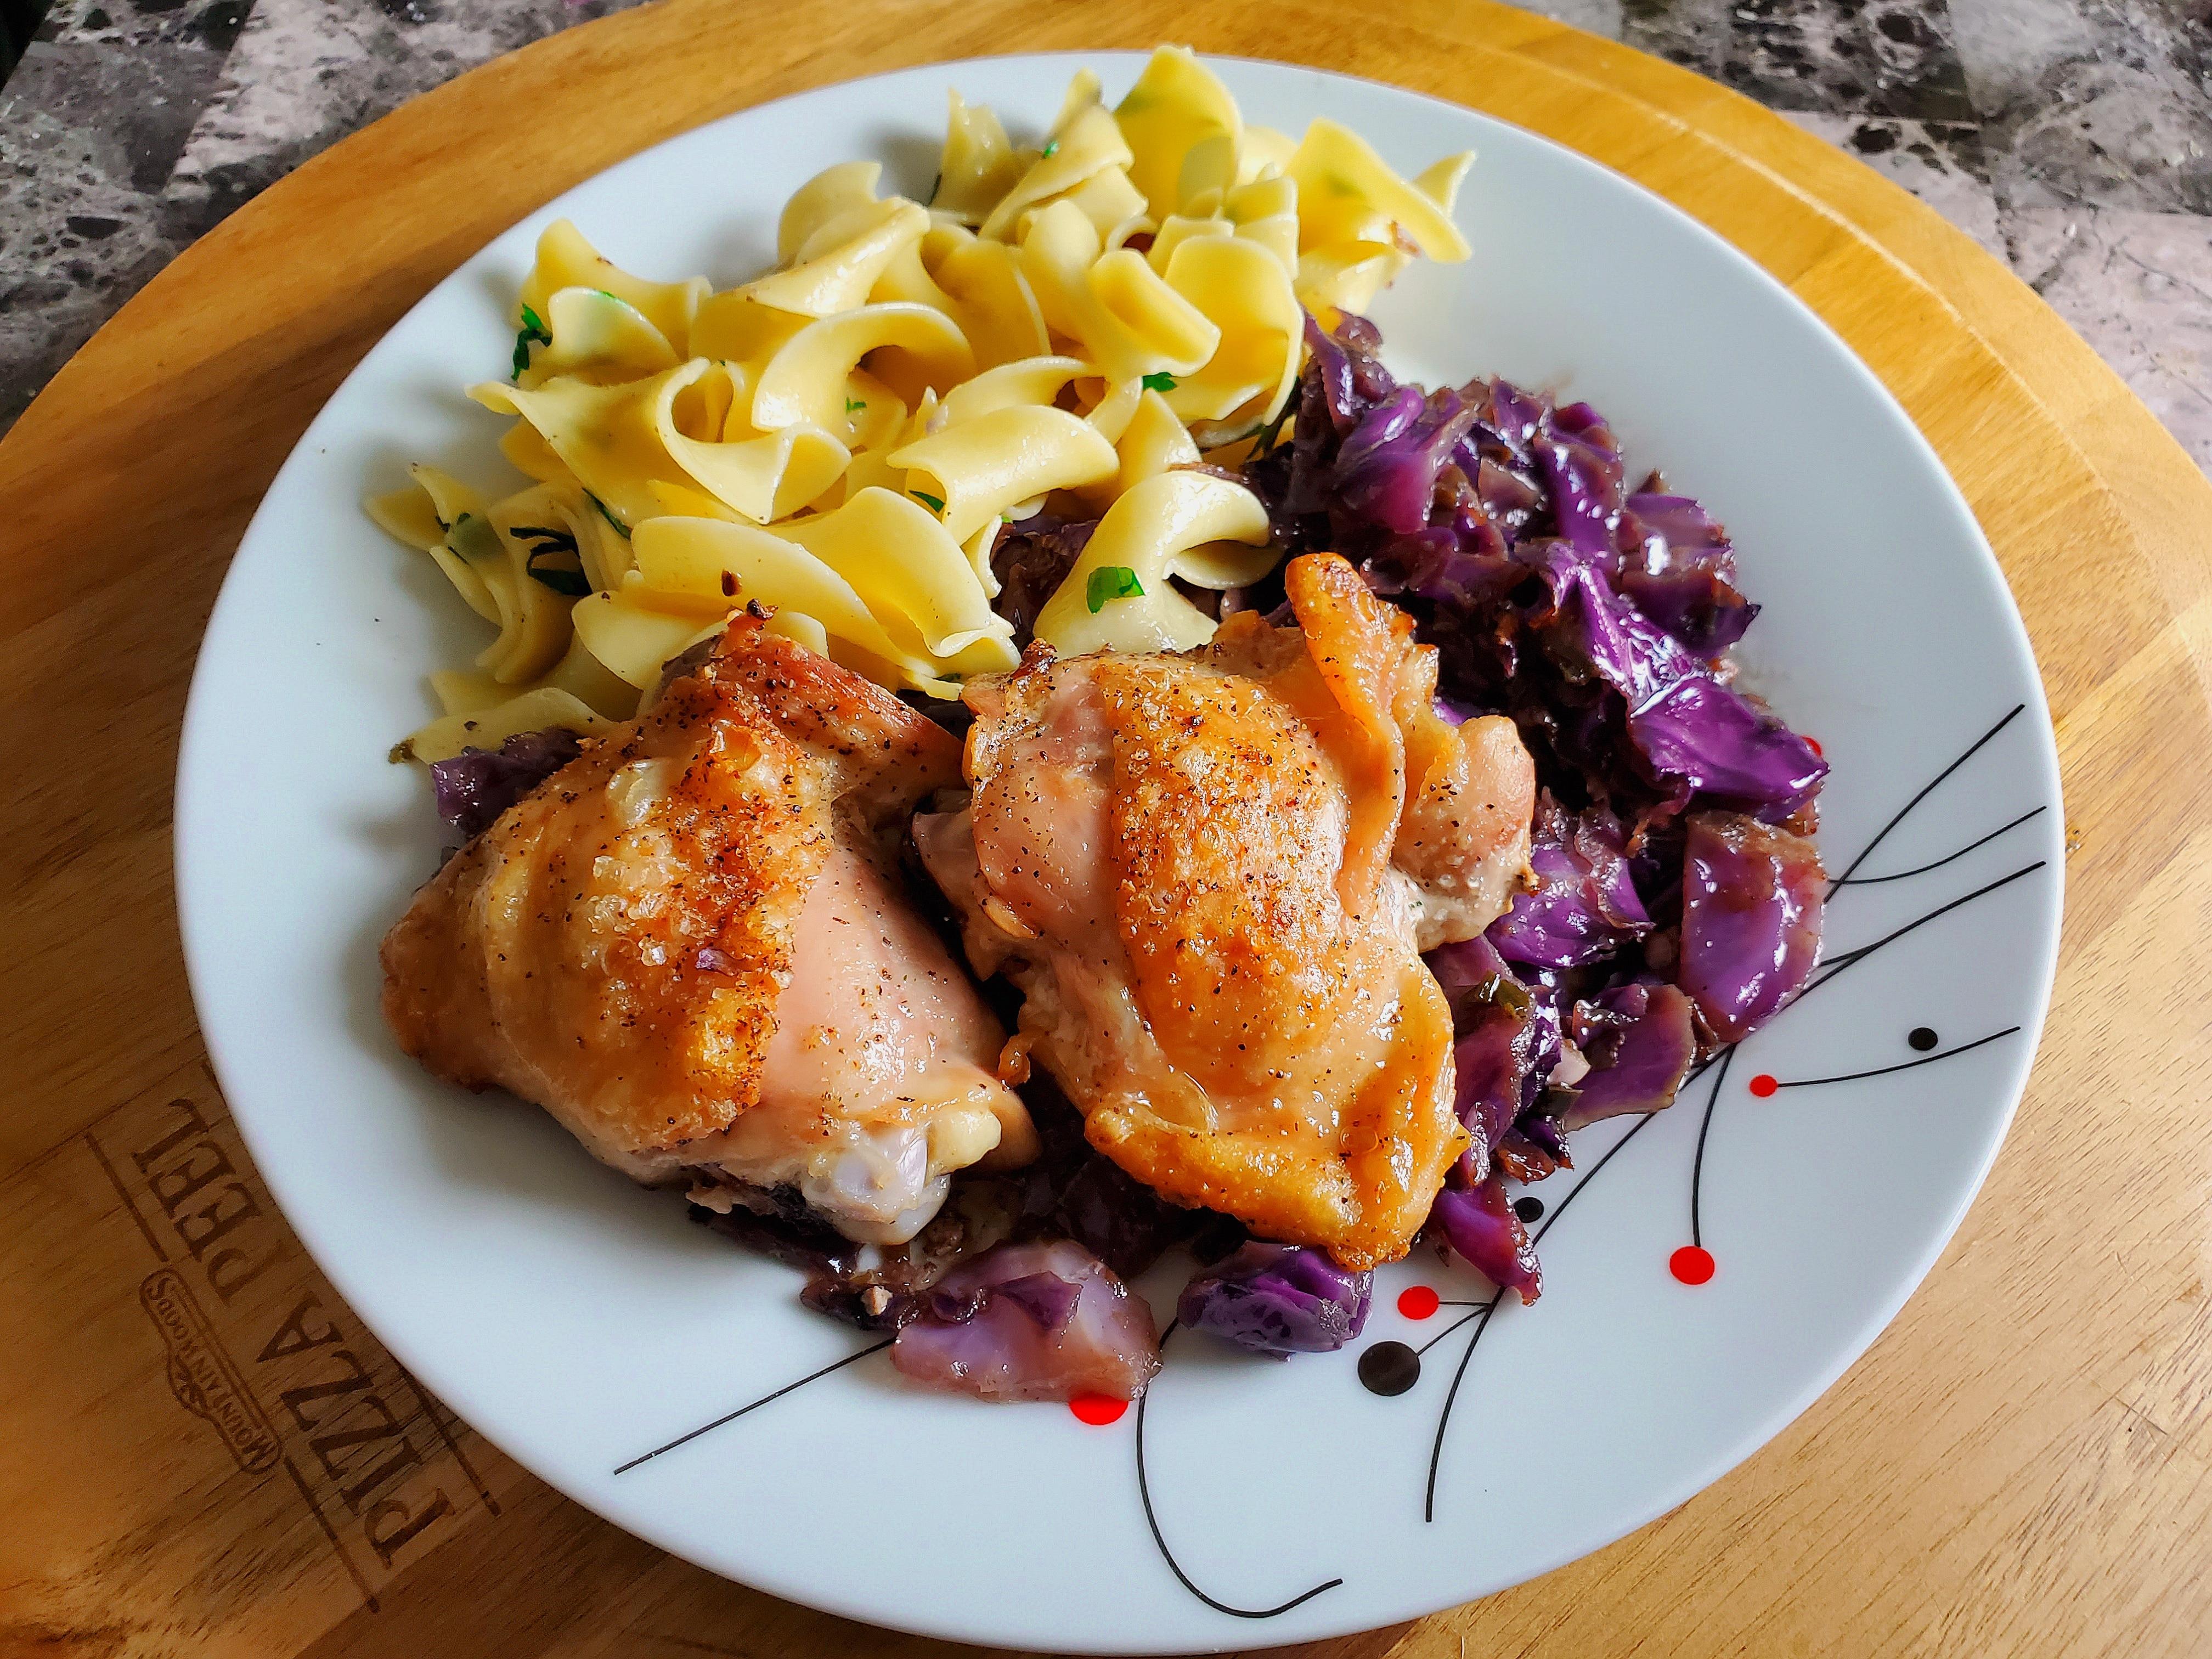 Saucy Skillet Chicken Thighs w